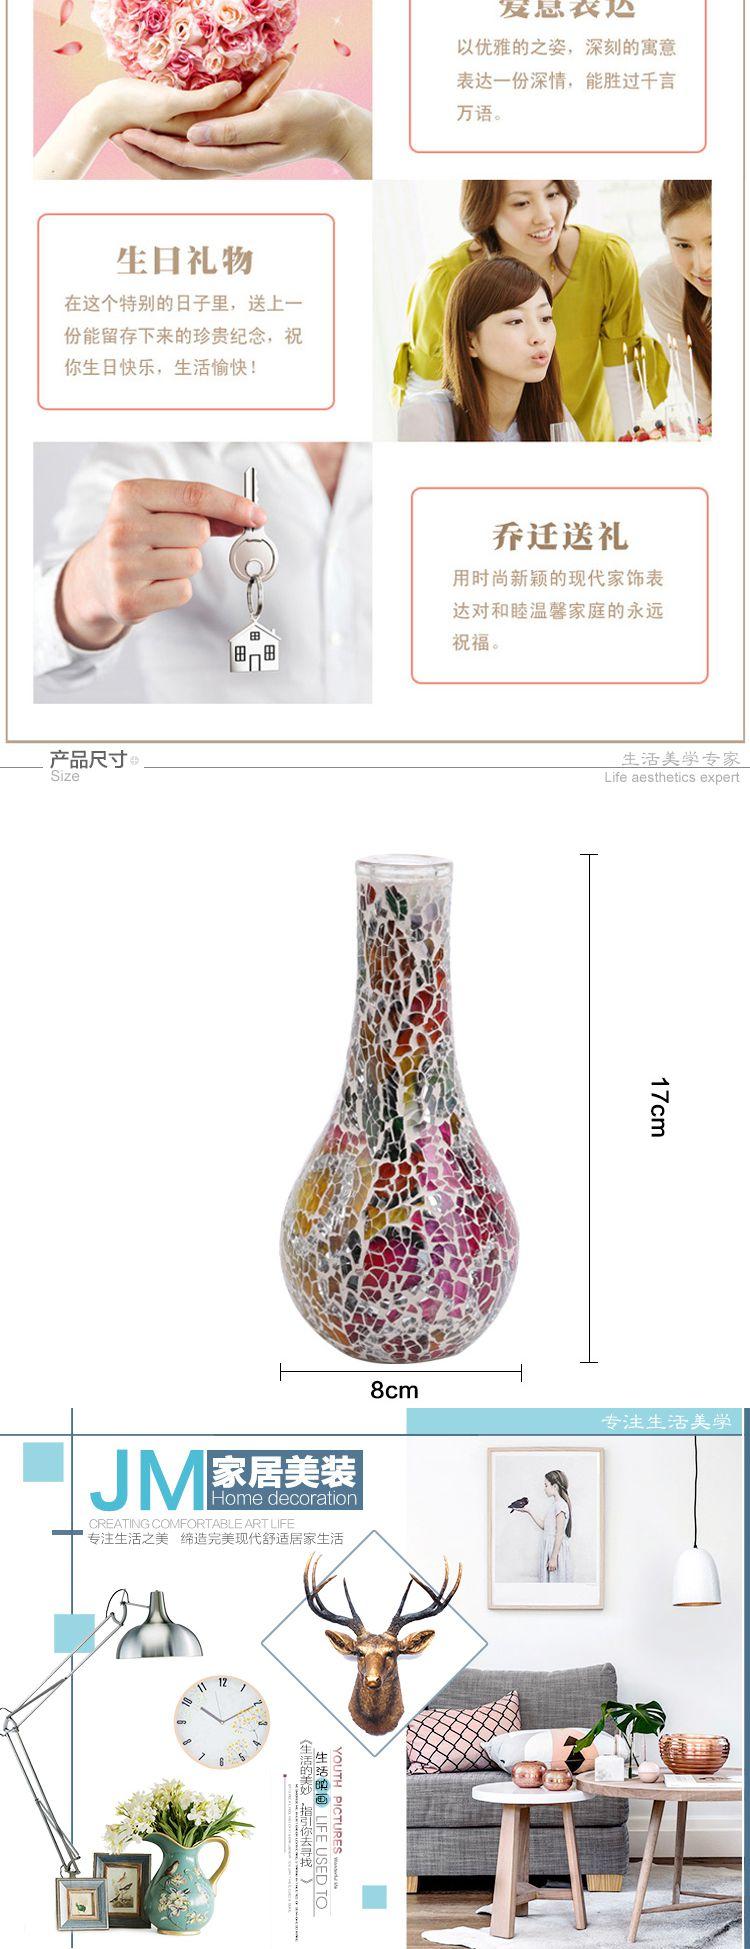 手工马赛克玻璃花瓶(粉五彩) 商品分类: 花瓶花艺 产地: 中国 洗涤